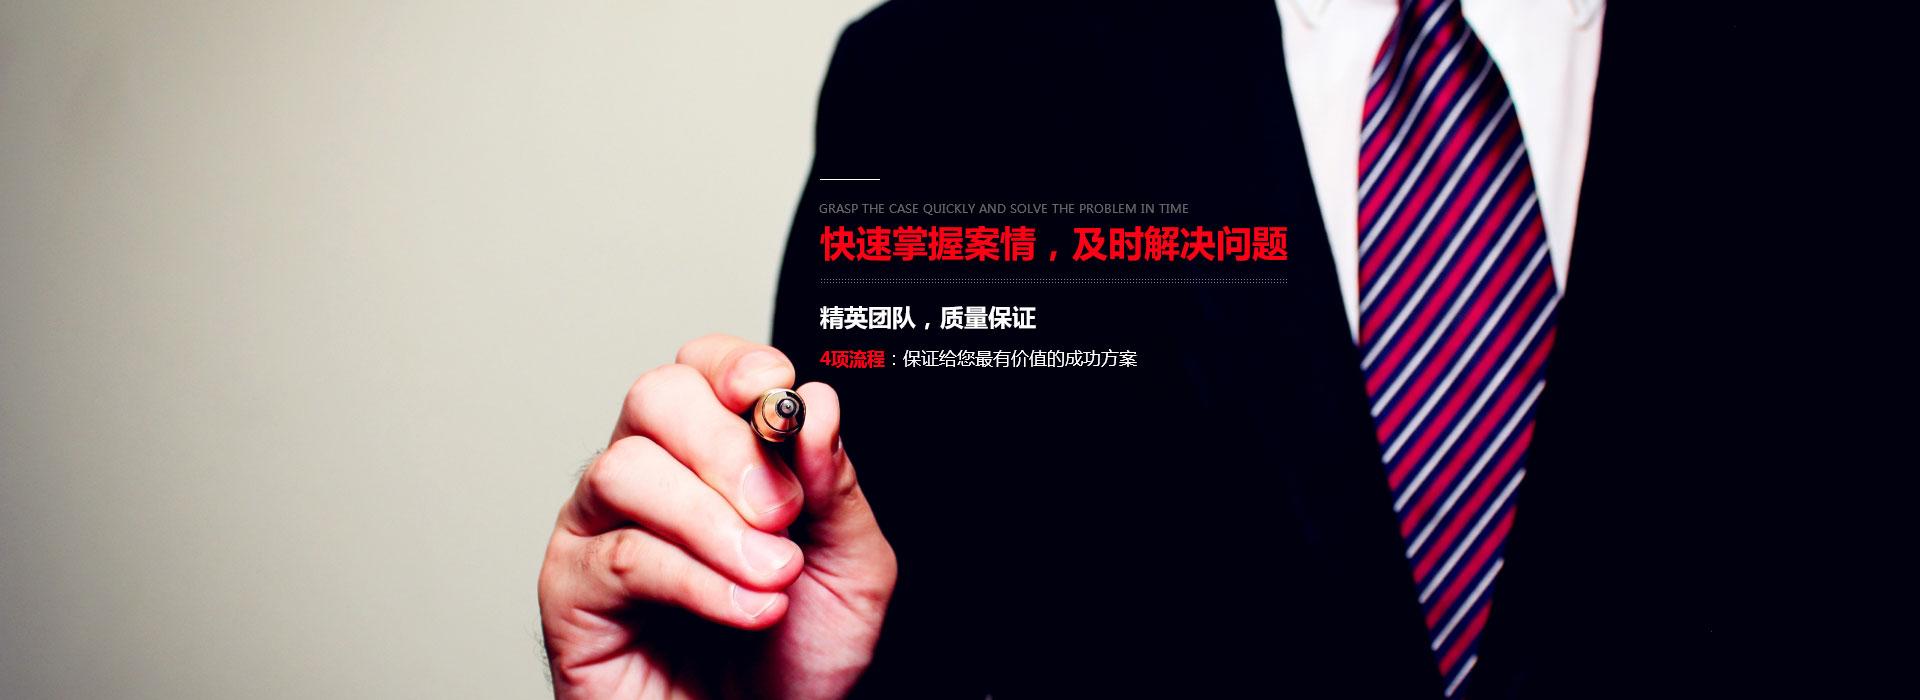 重庆万州知名律师